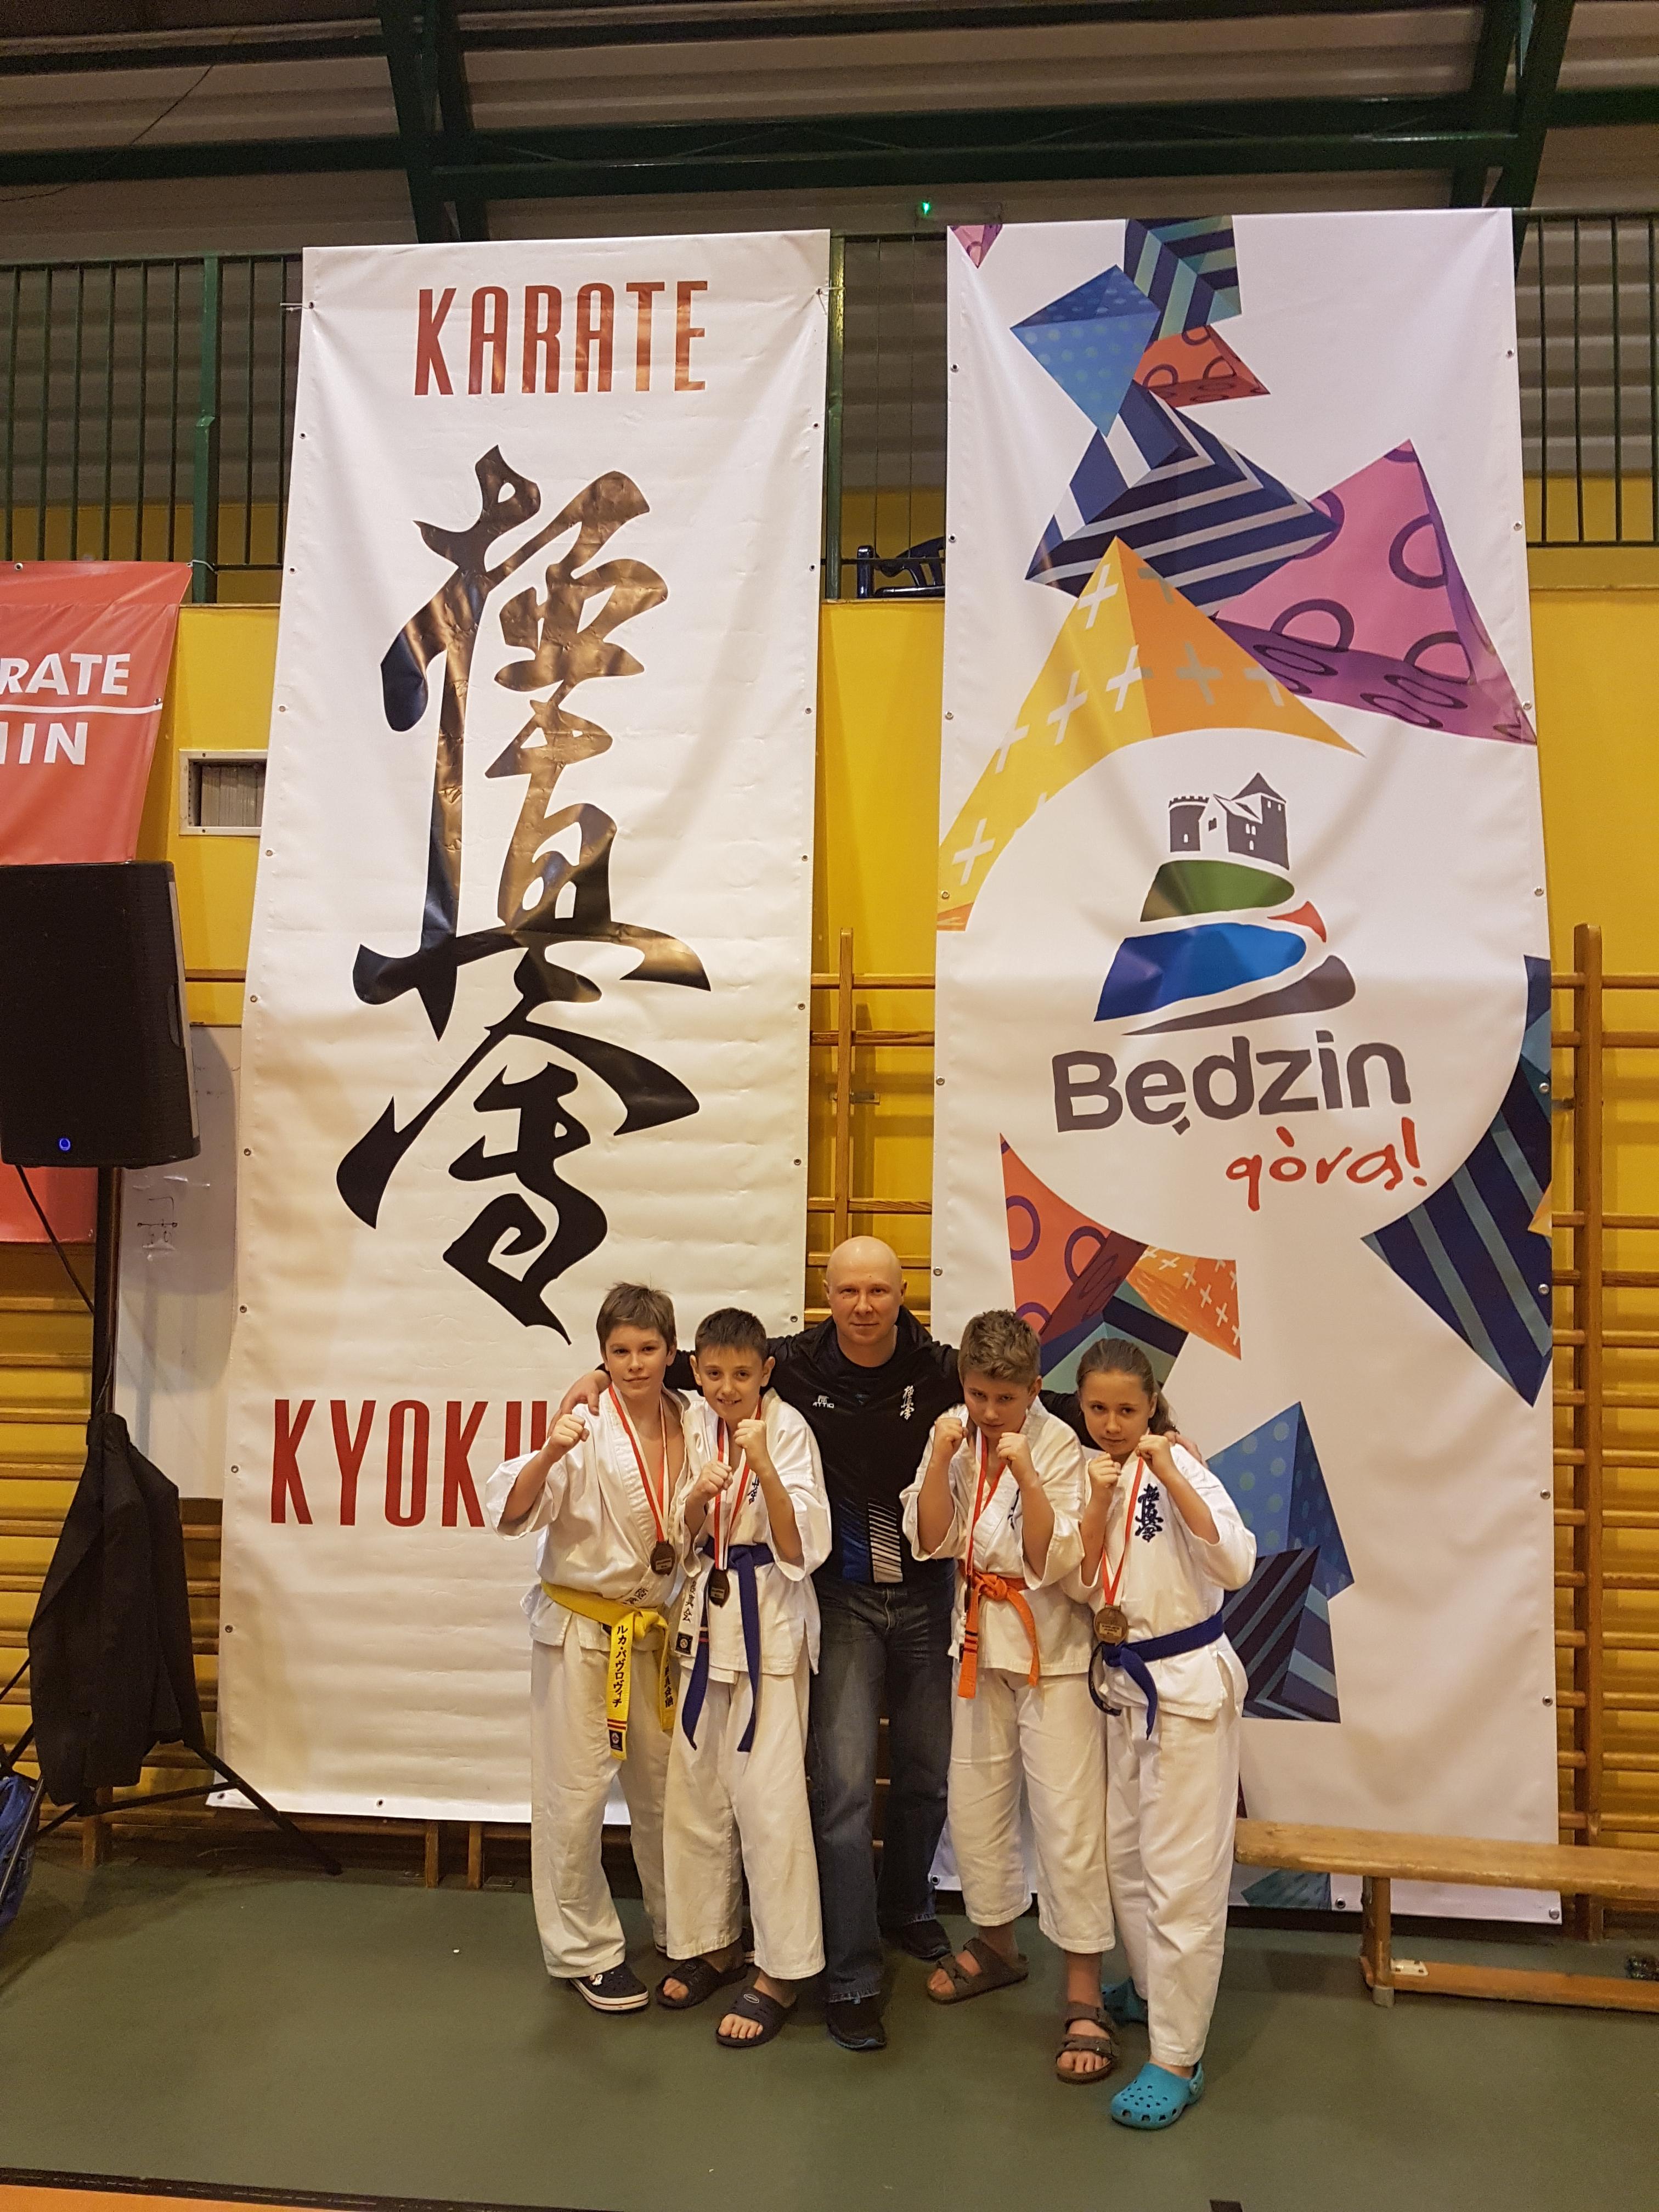 II_Turniej_Karate_w_Będzinie_2019_11.jpg